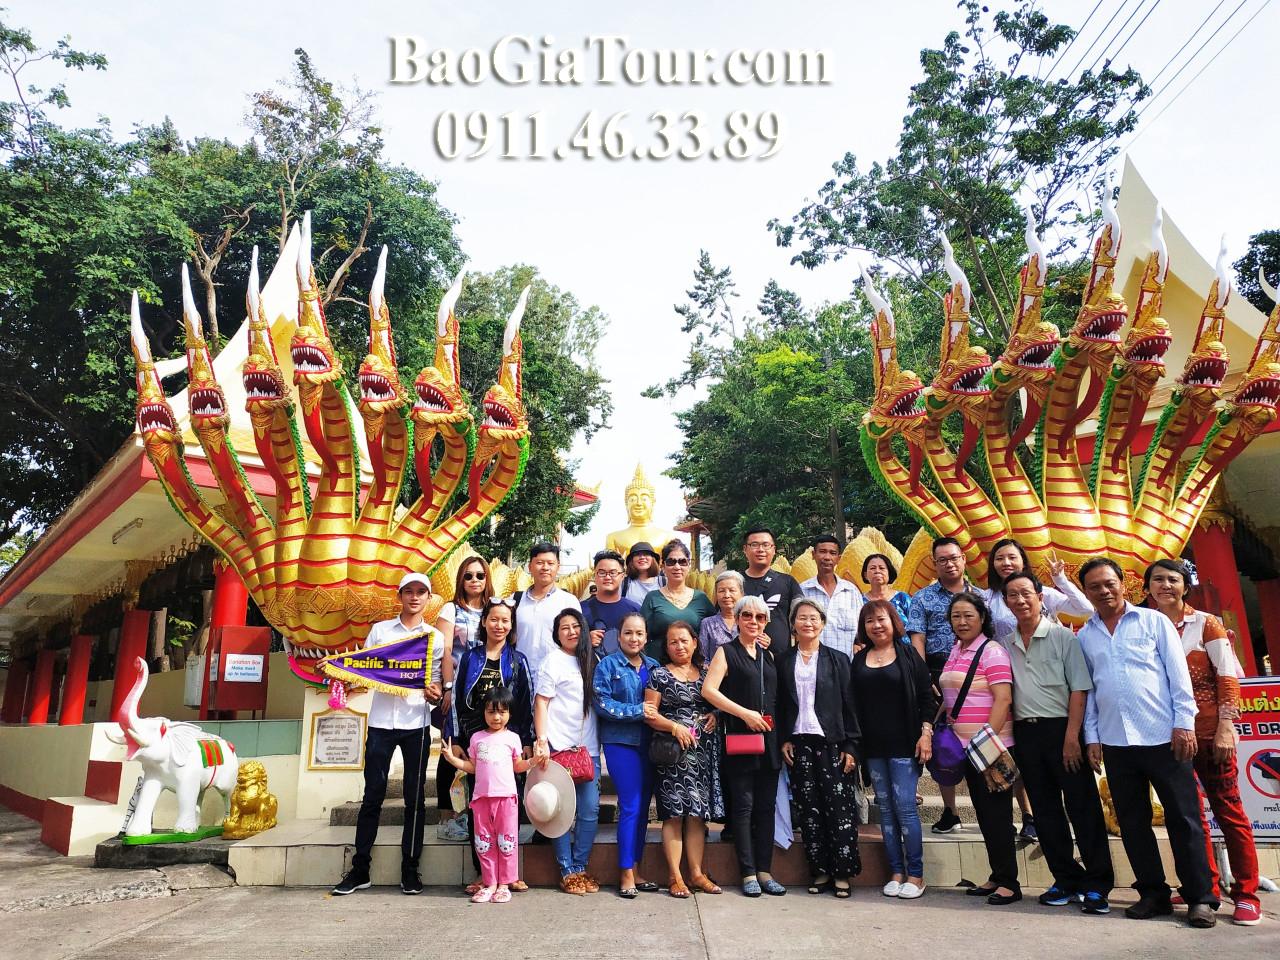 Báo giá tour Thái Lan tháng 10 trọn gói chỉ 5.100.000 VNĐ